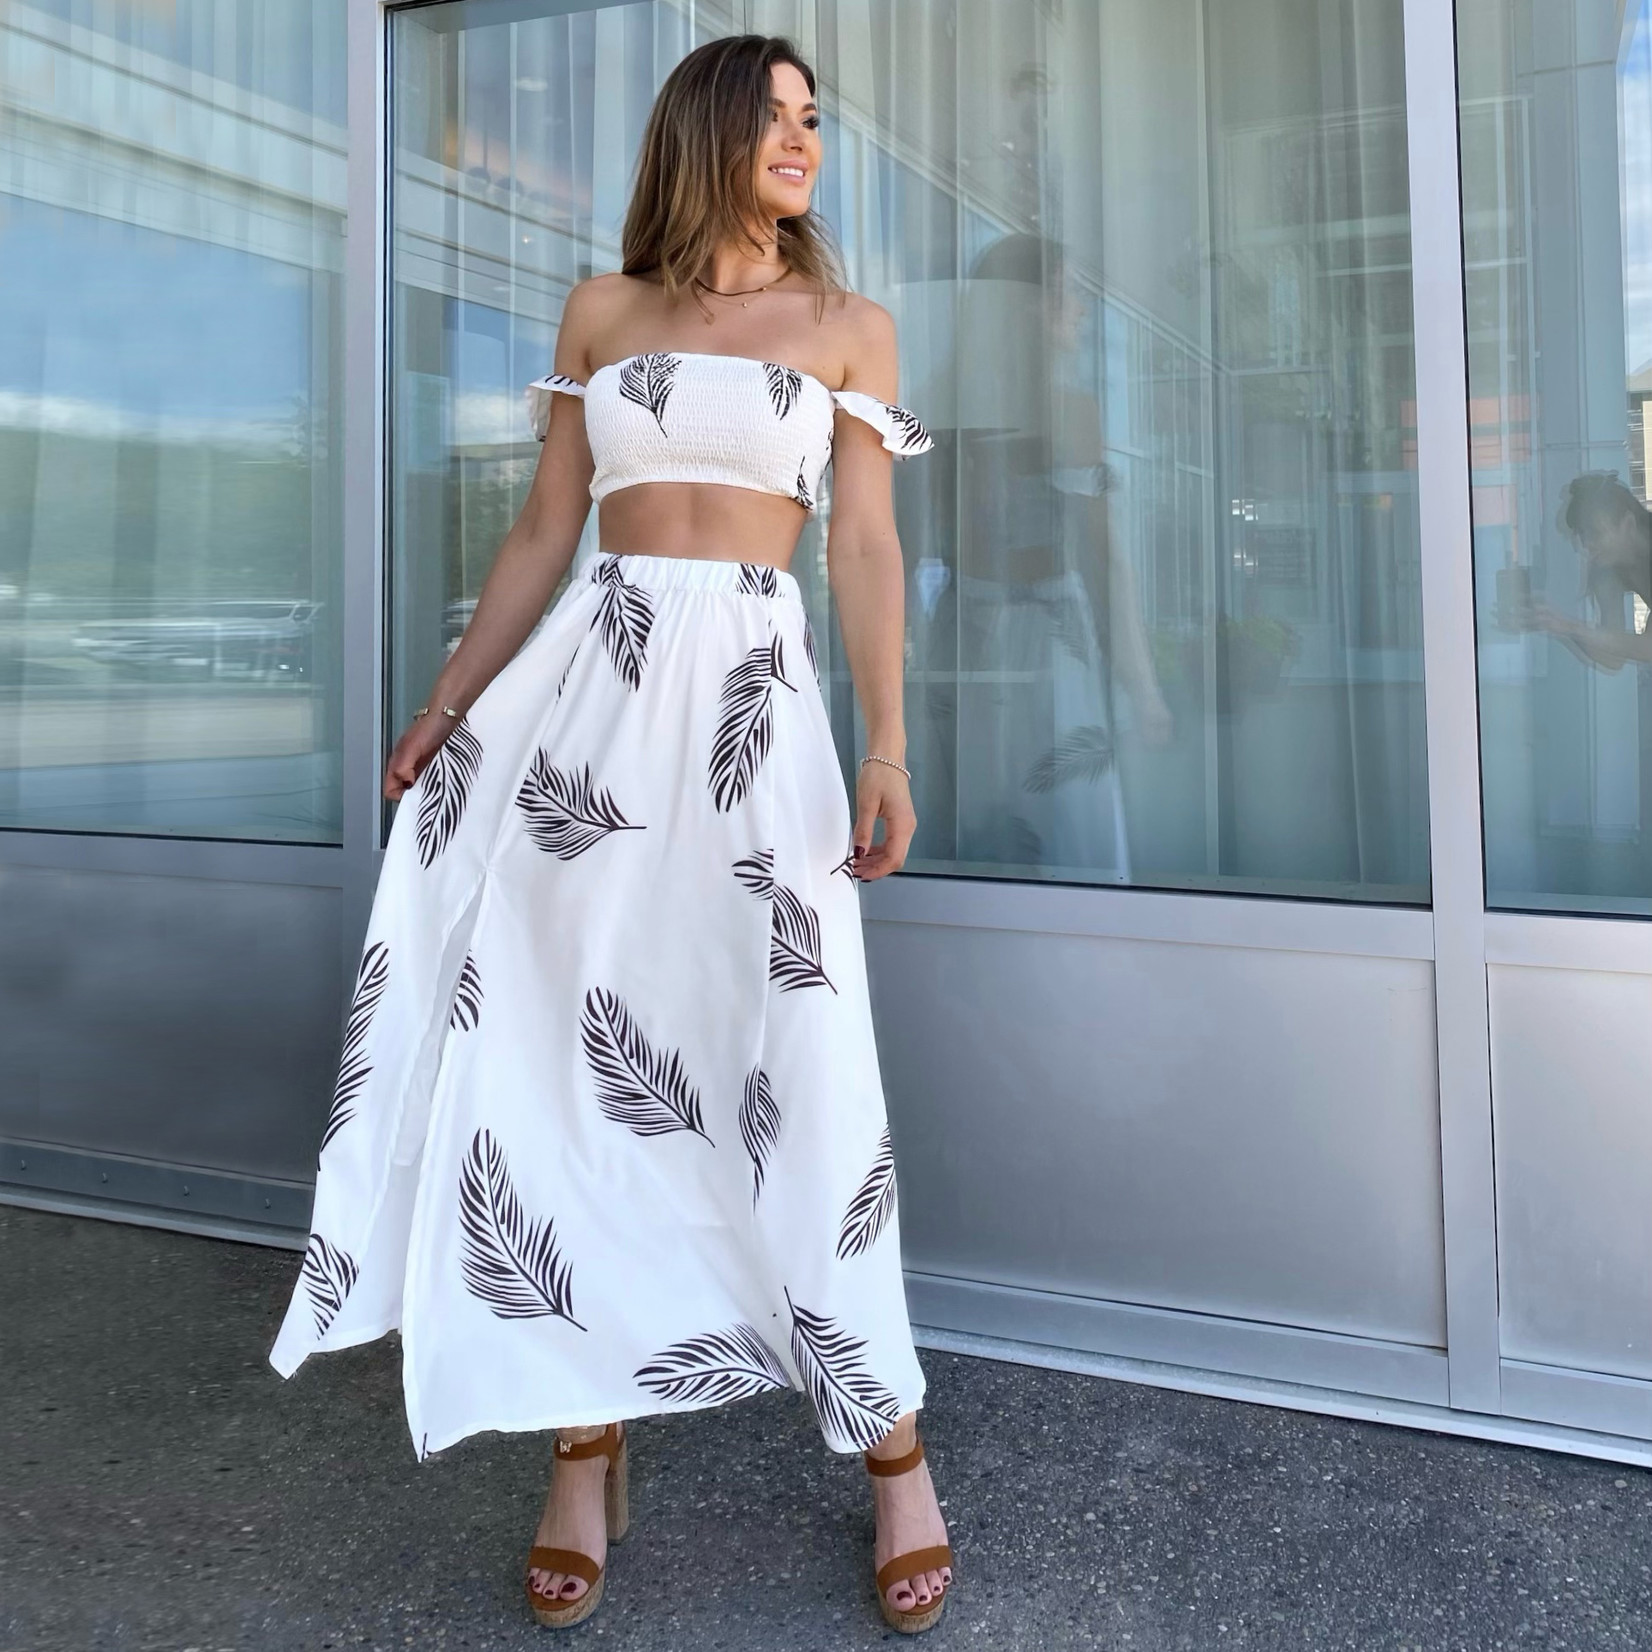 Tiana 2pc top & skirt set